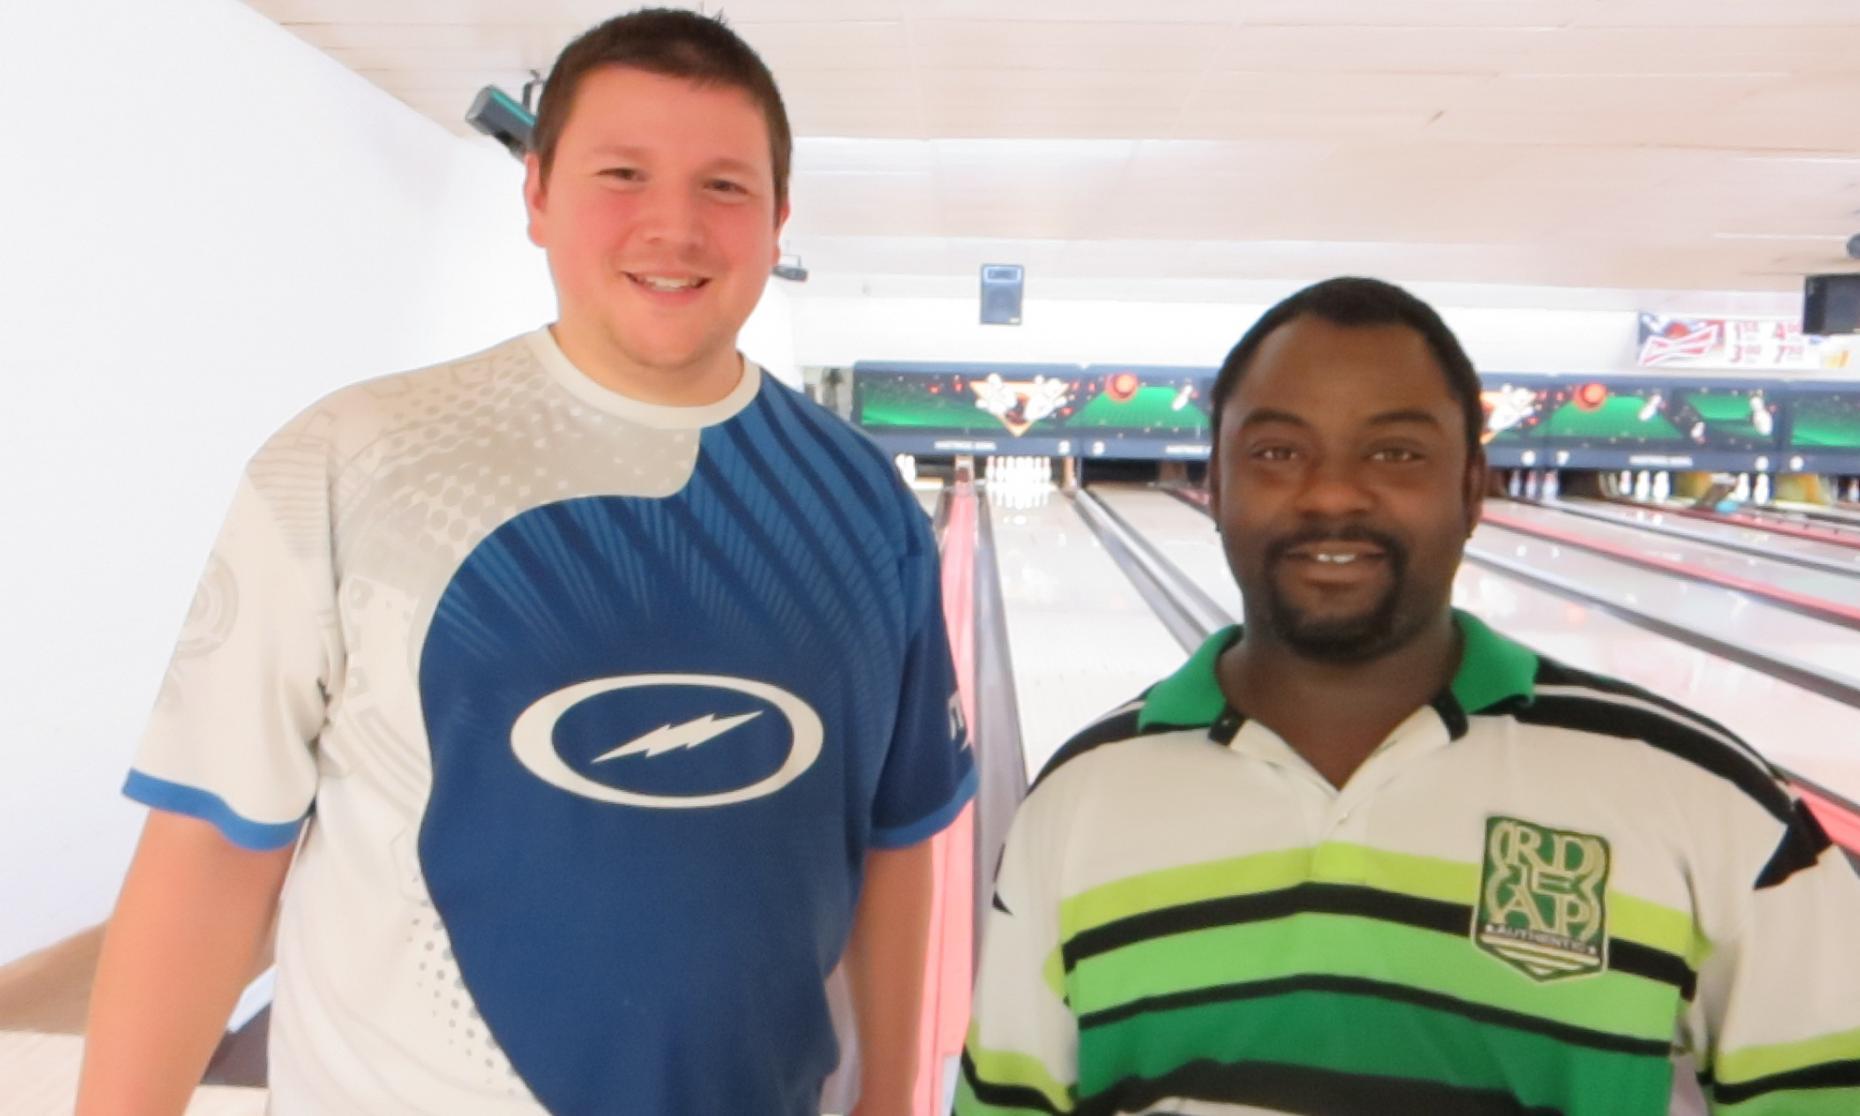 Champion Jason Rasinske (left) and Runner up LaJuan White (right)